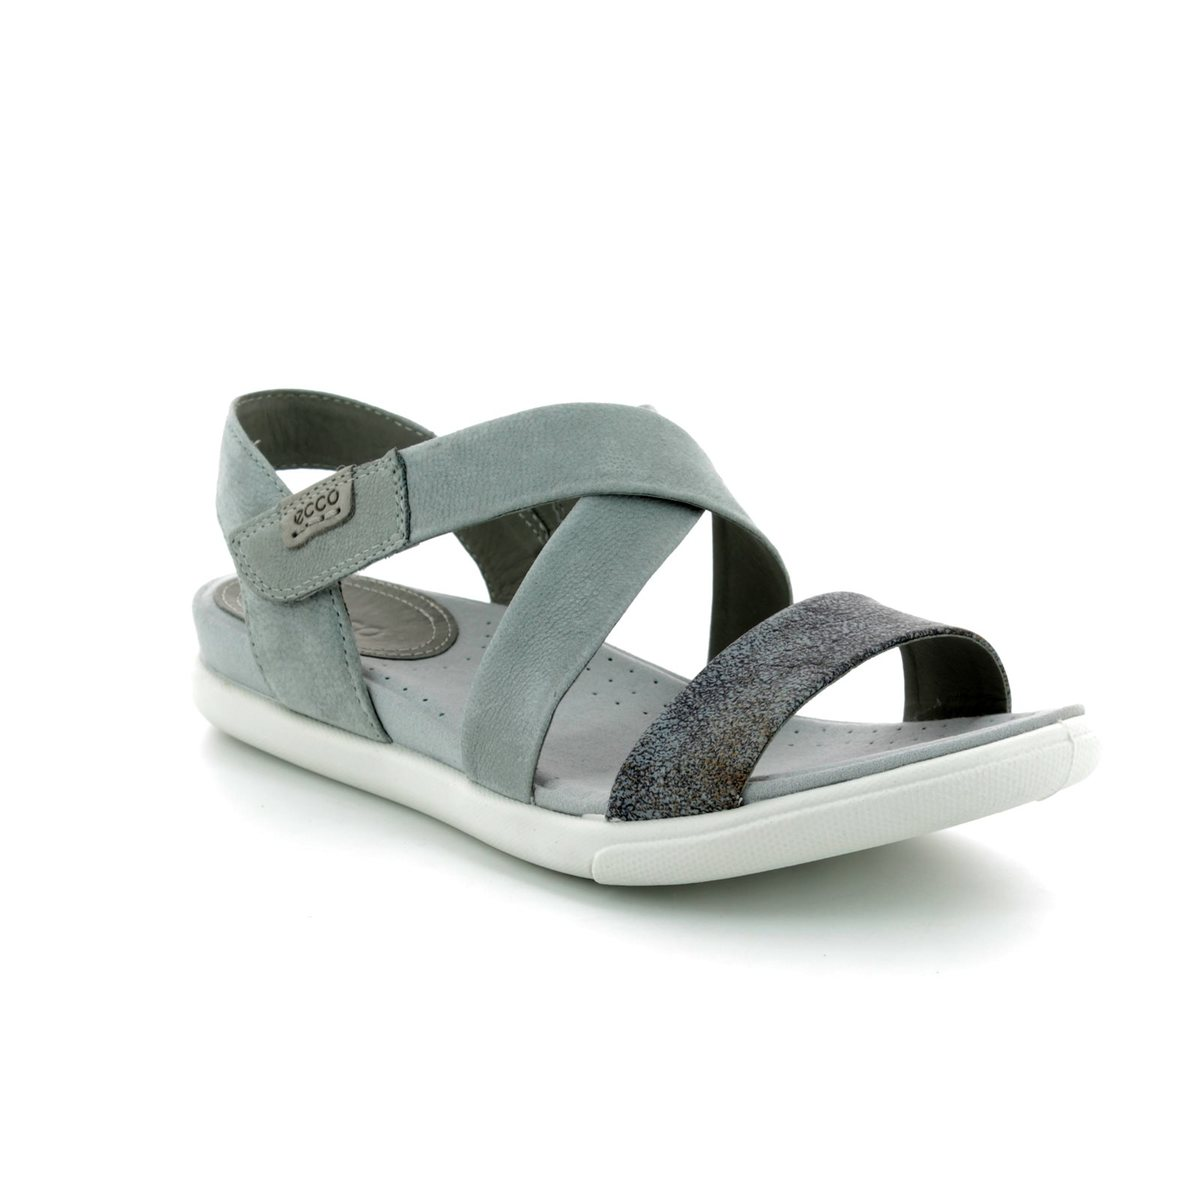 5d898d195352b ECCO Sandals - Grey - 248273-55915 DAMARA SANDAL